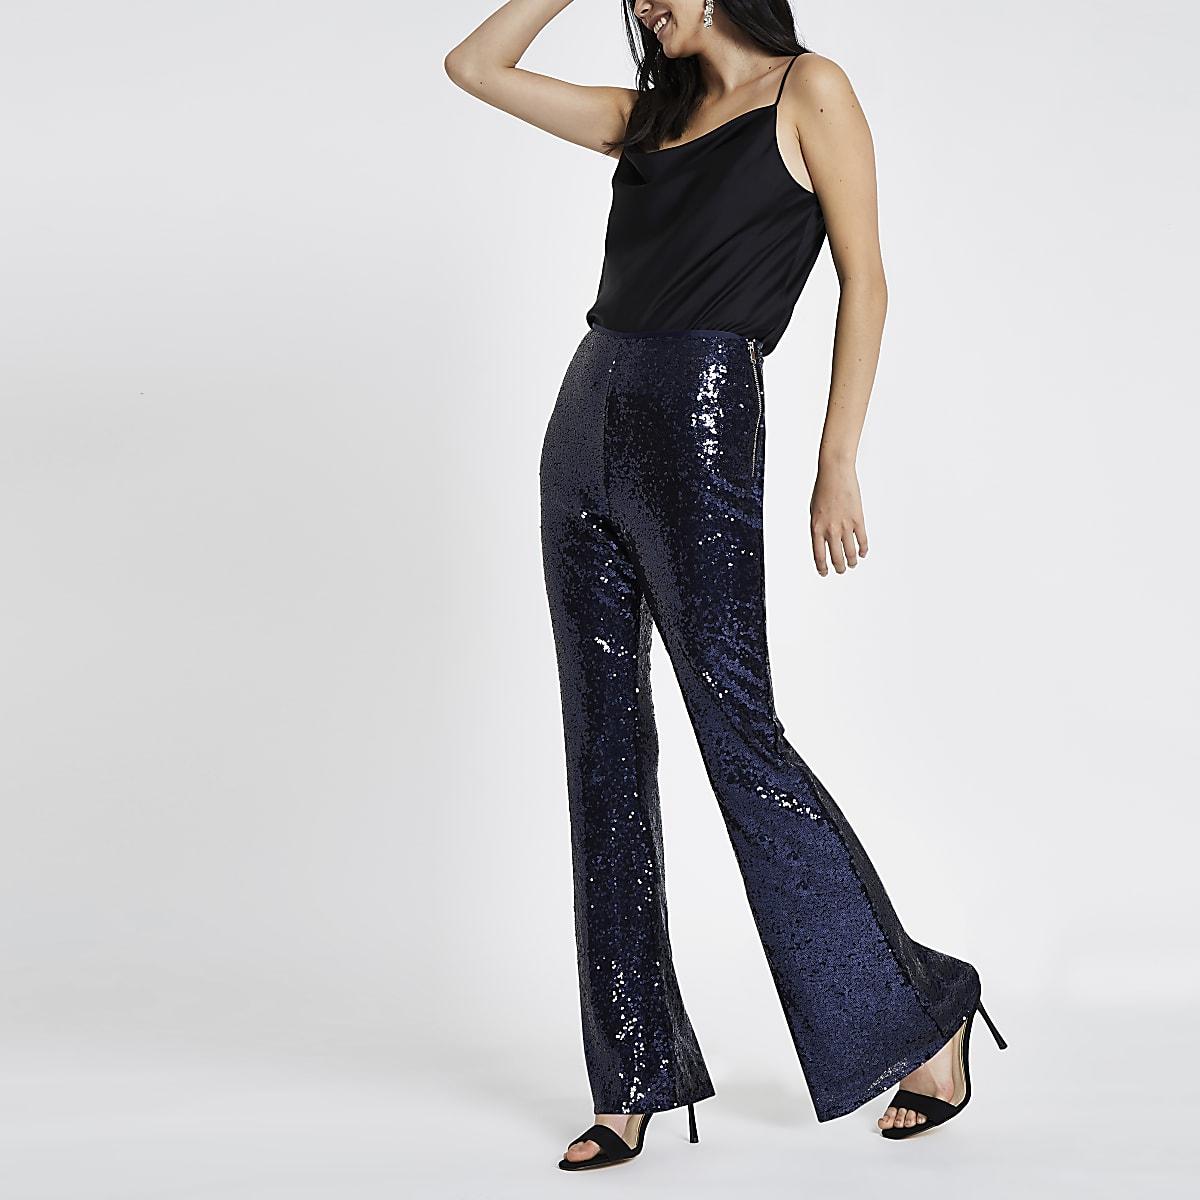 Blauwe uitlopende broek met pailletten